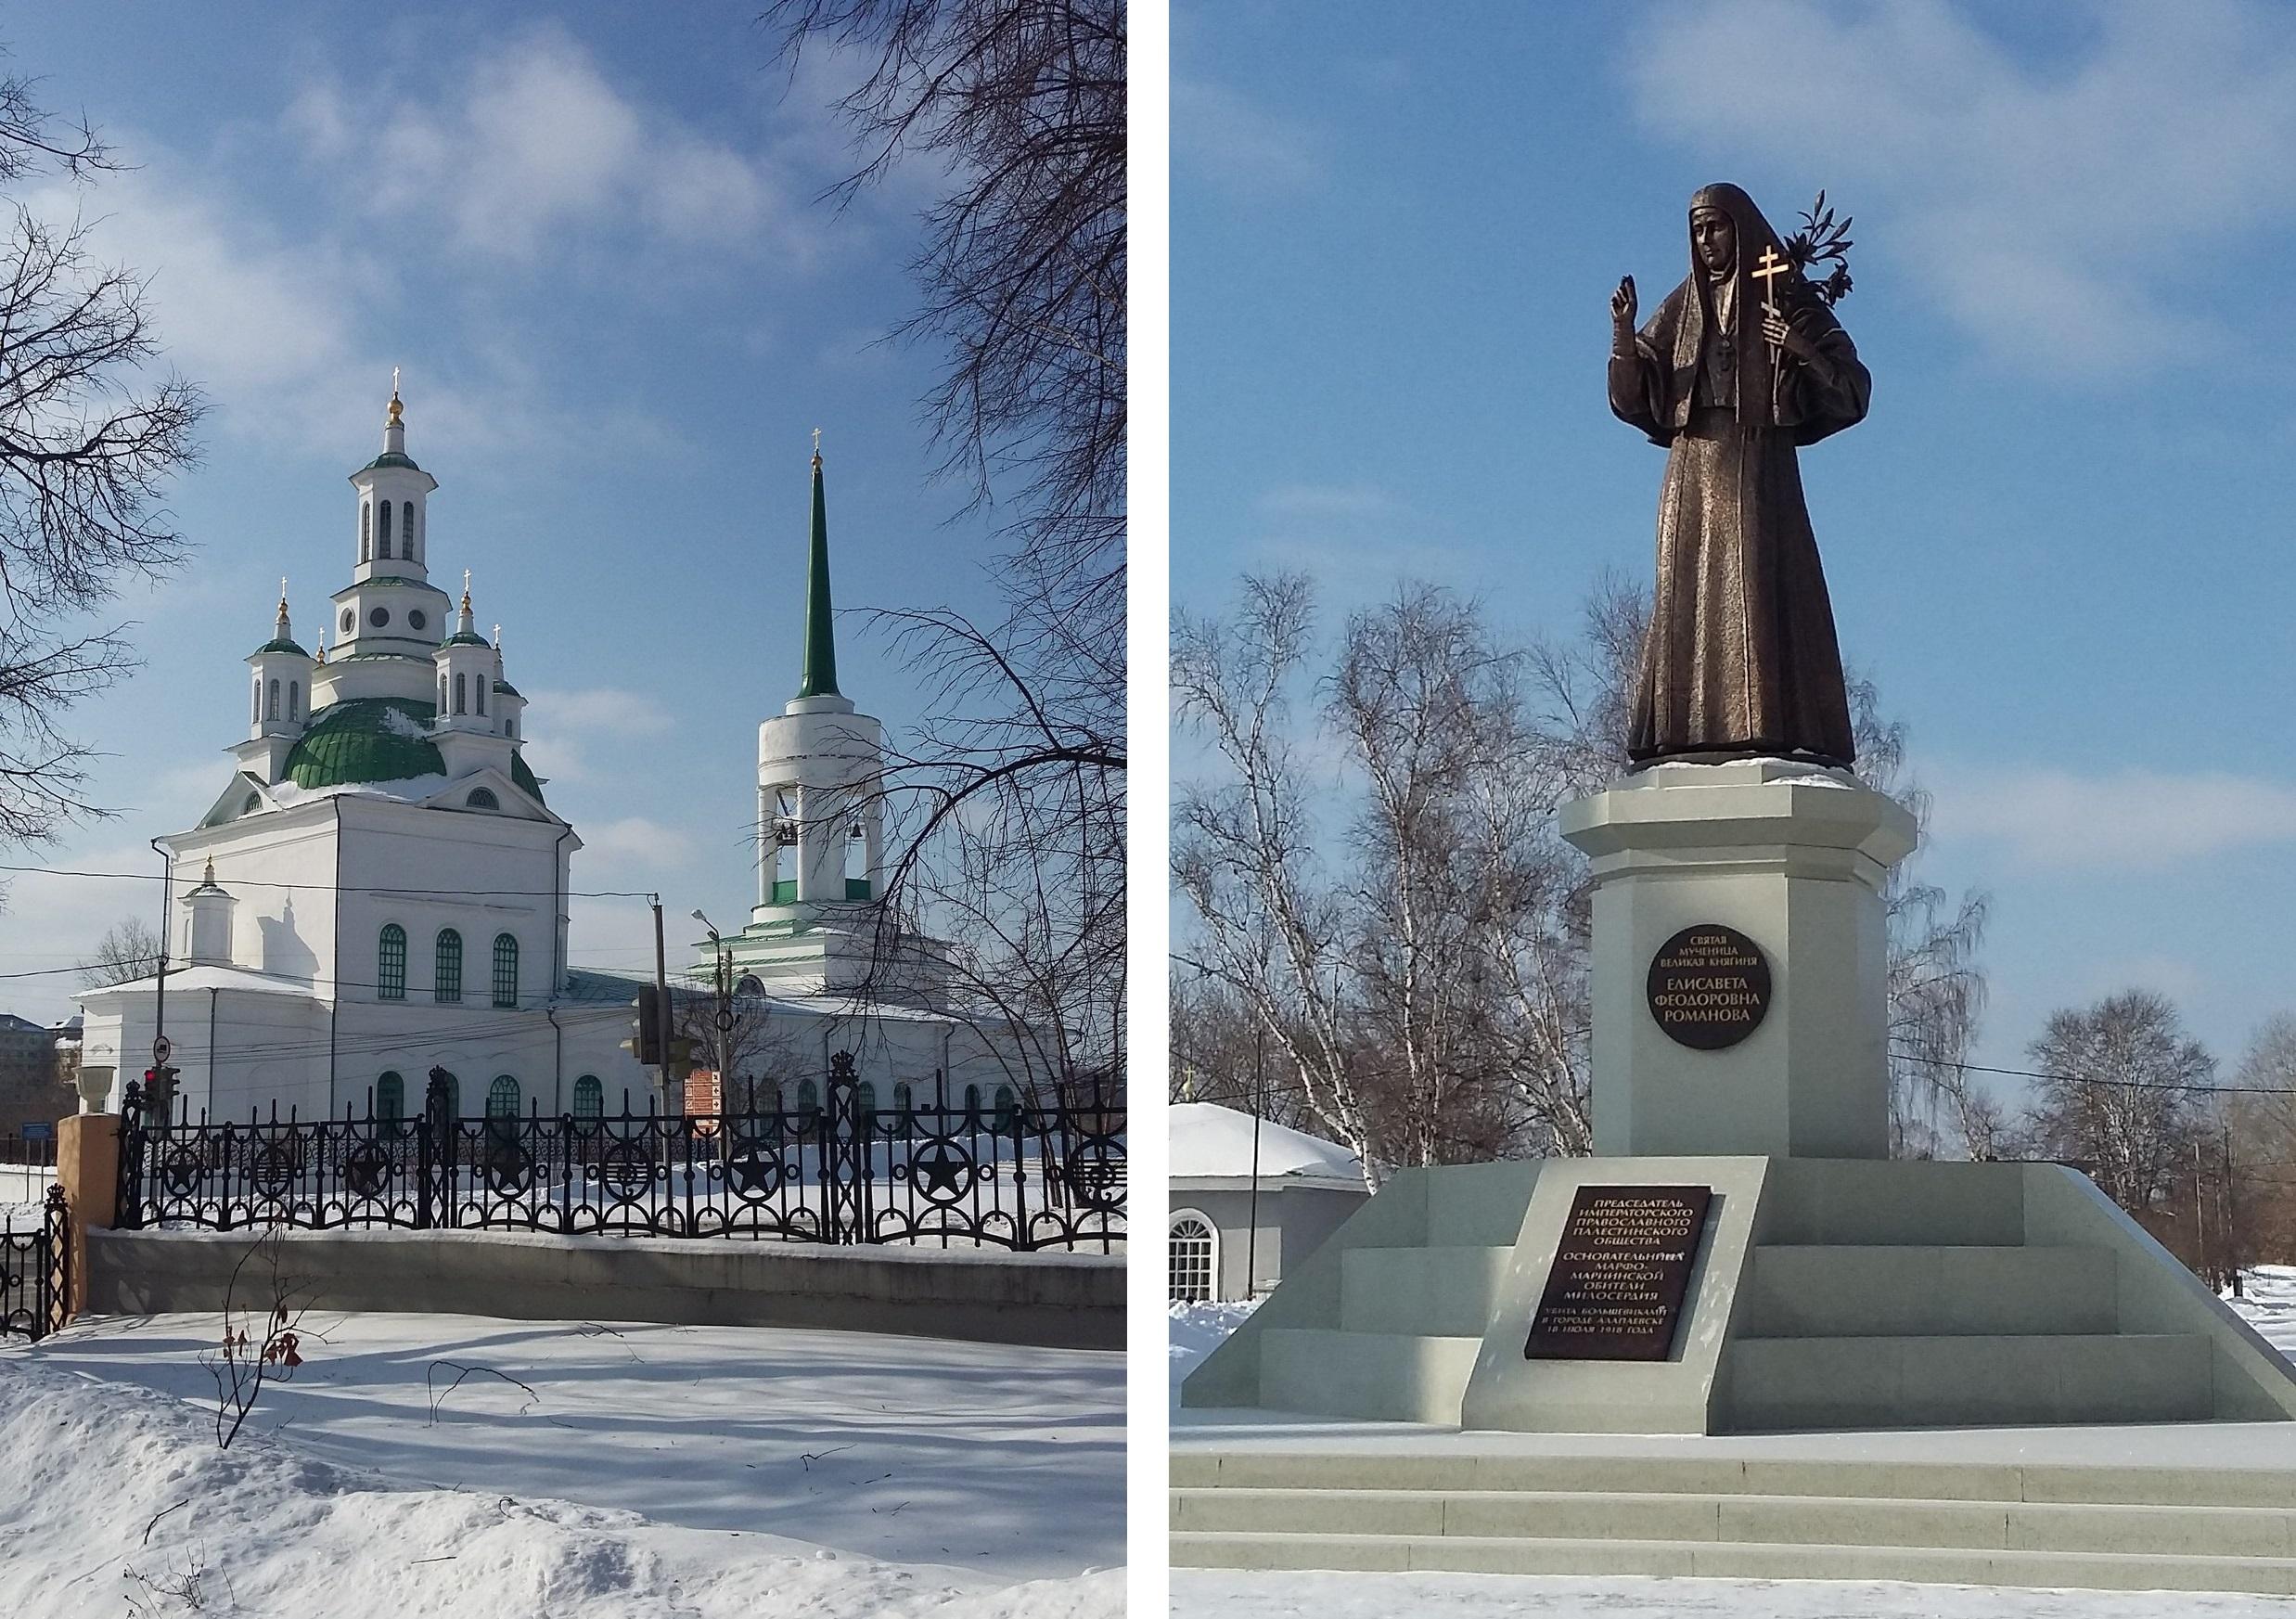 Церковь и памятник великой княгине Елизавете Фёдоровне